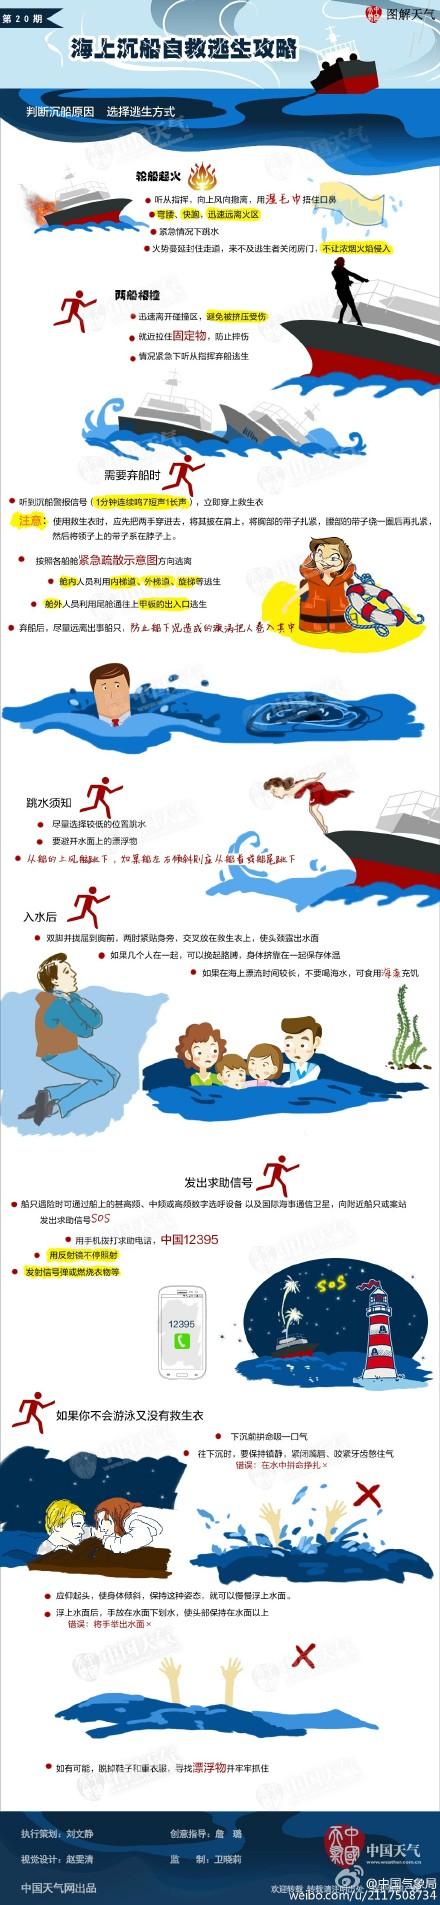 海上沉船自救逃生攻略